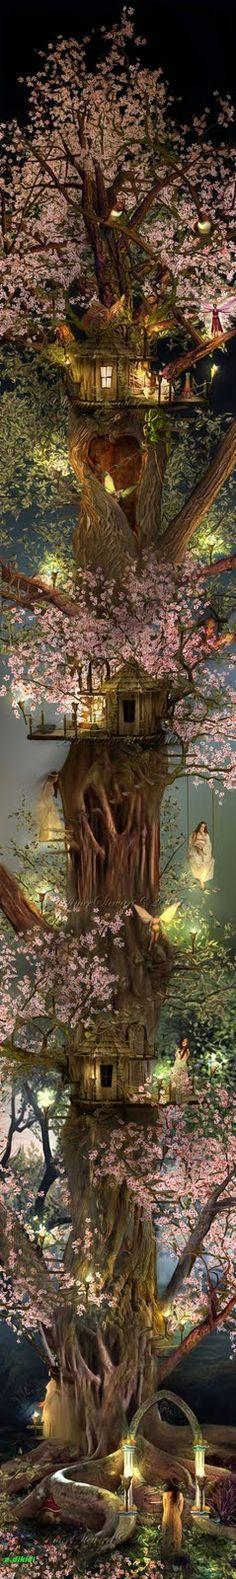 'The Fairy Tree'  Minha Verdadeira Morada